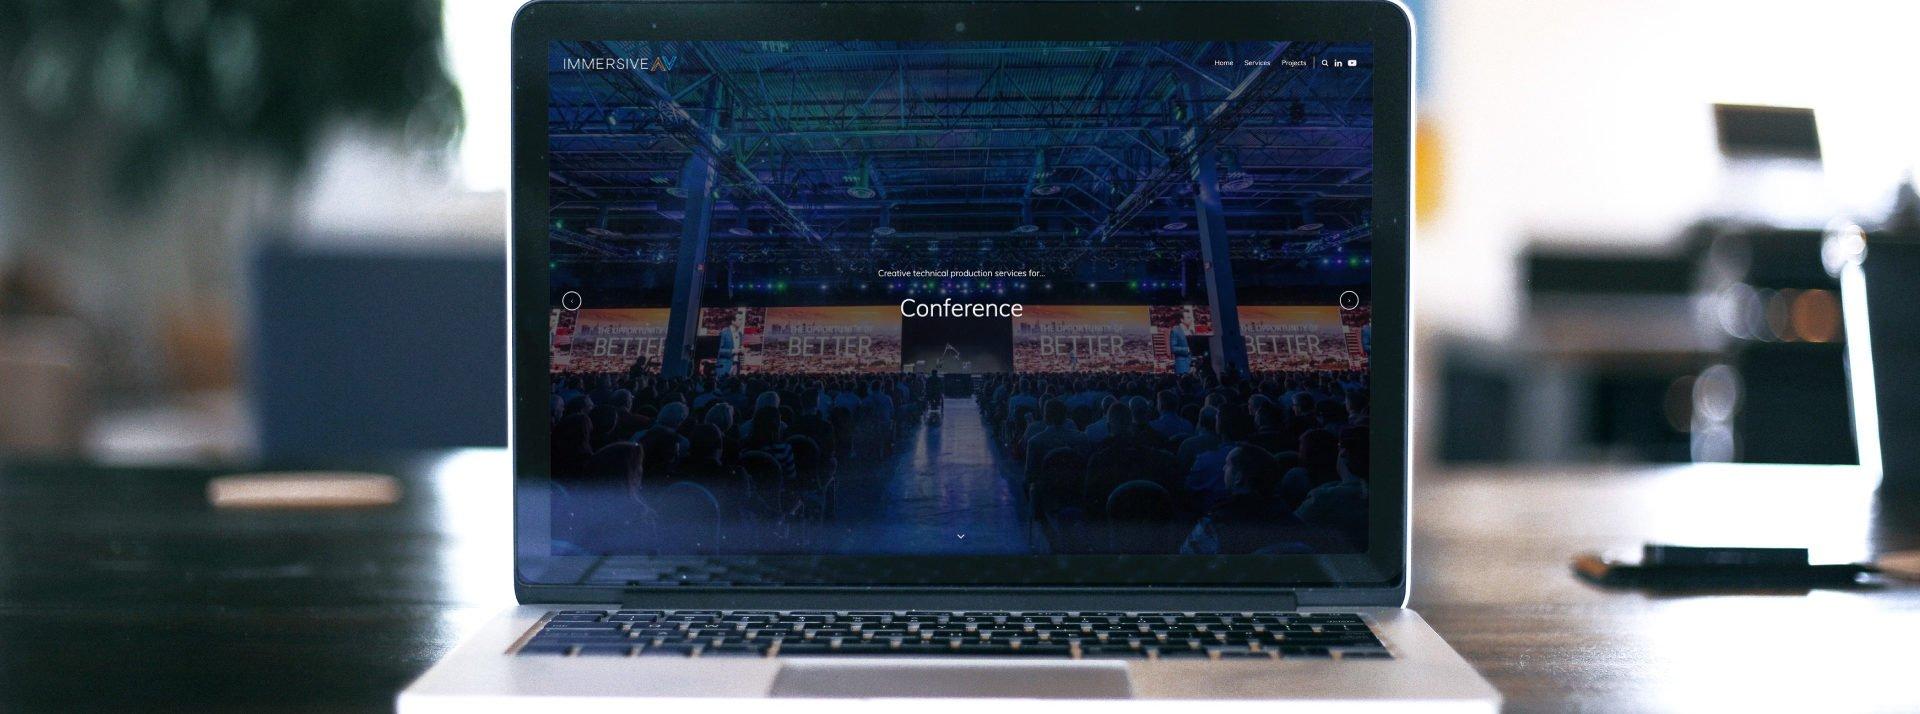 Immersive AV Website Design